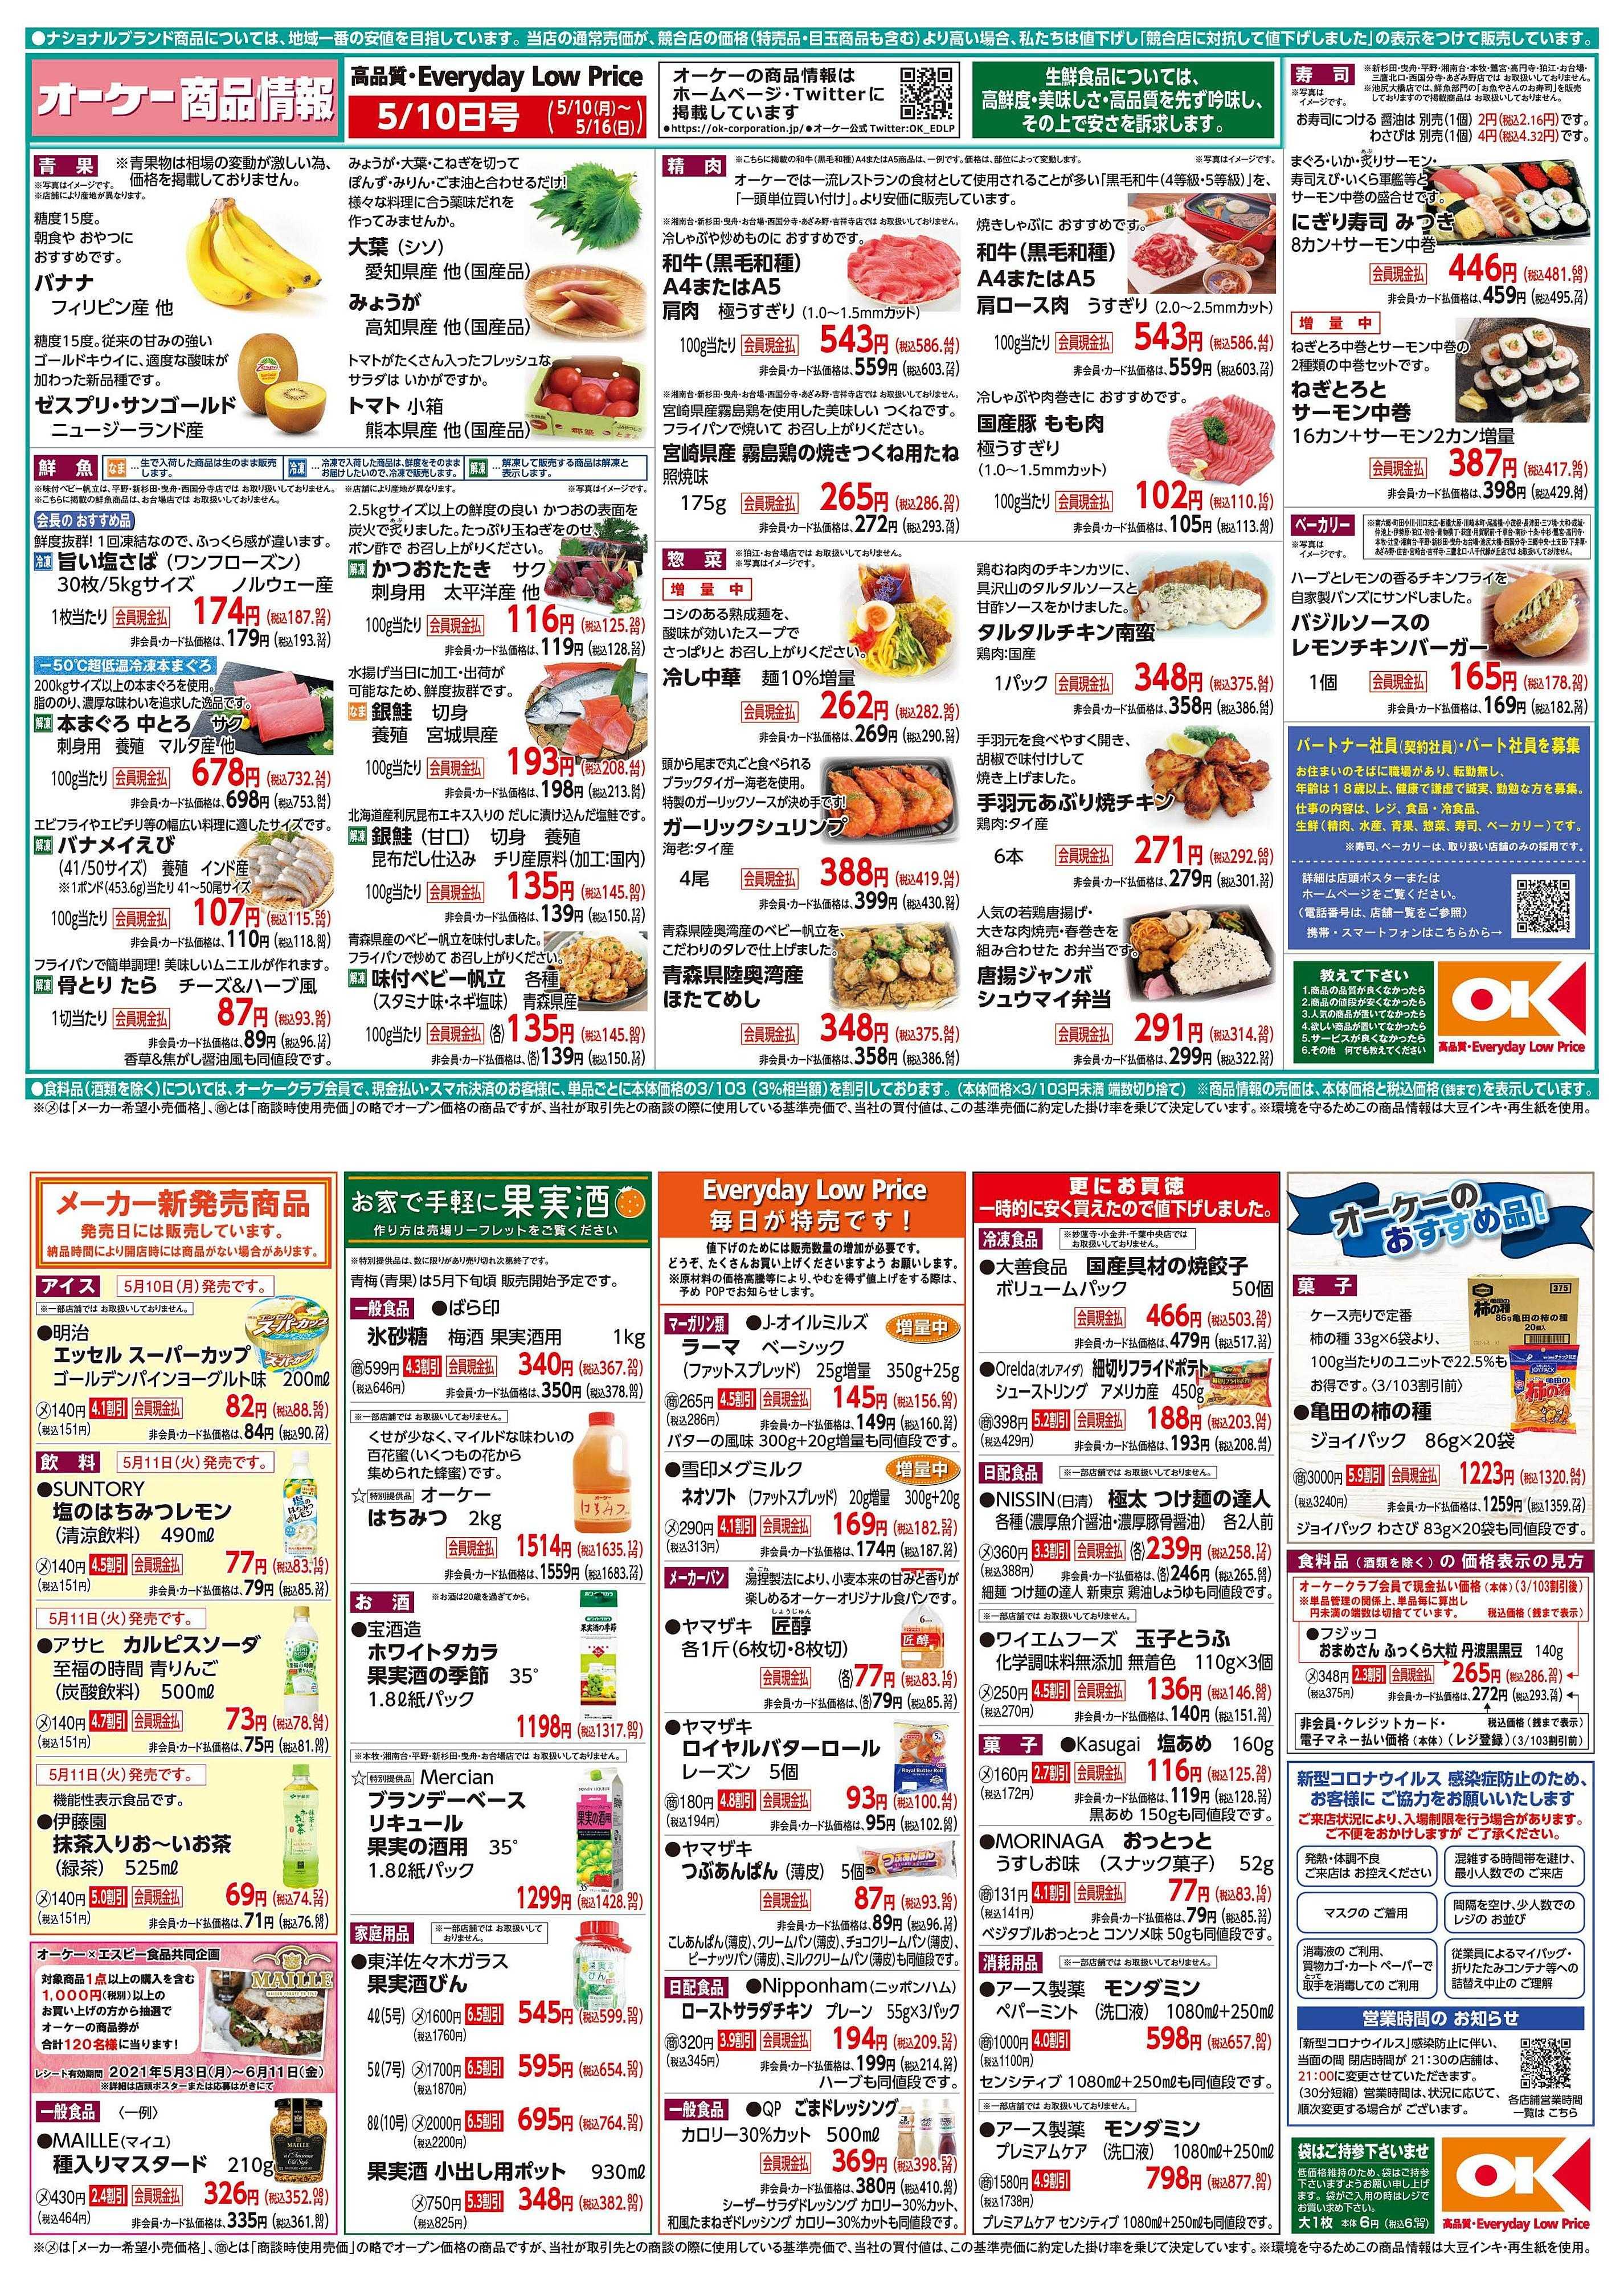 オーケー 商品情報紙5月10日号